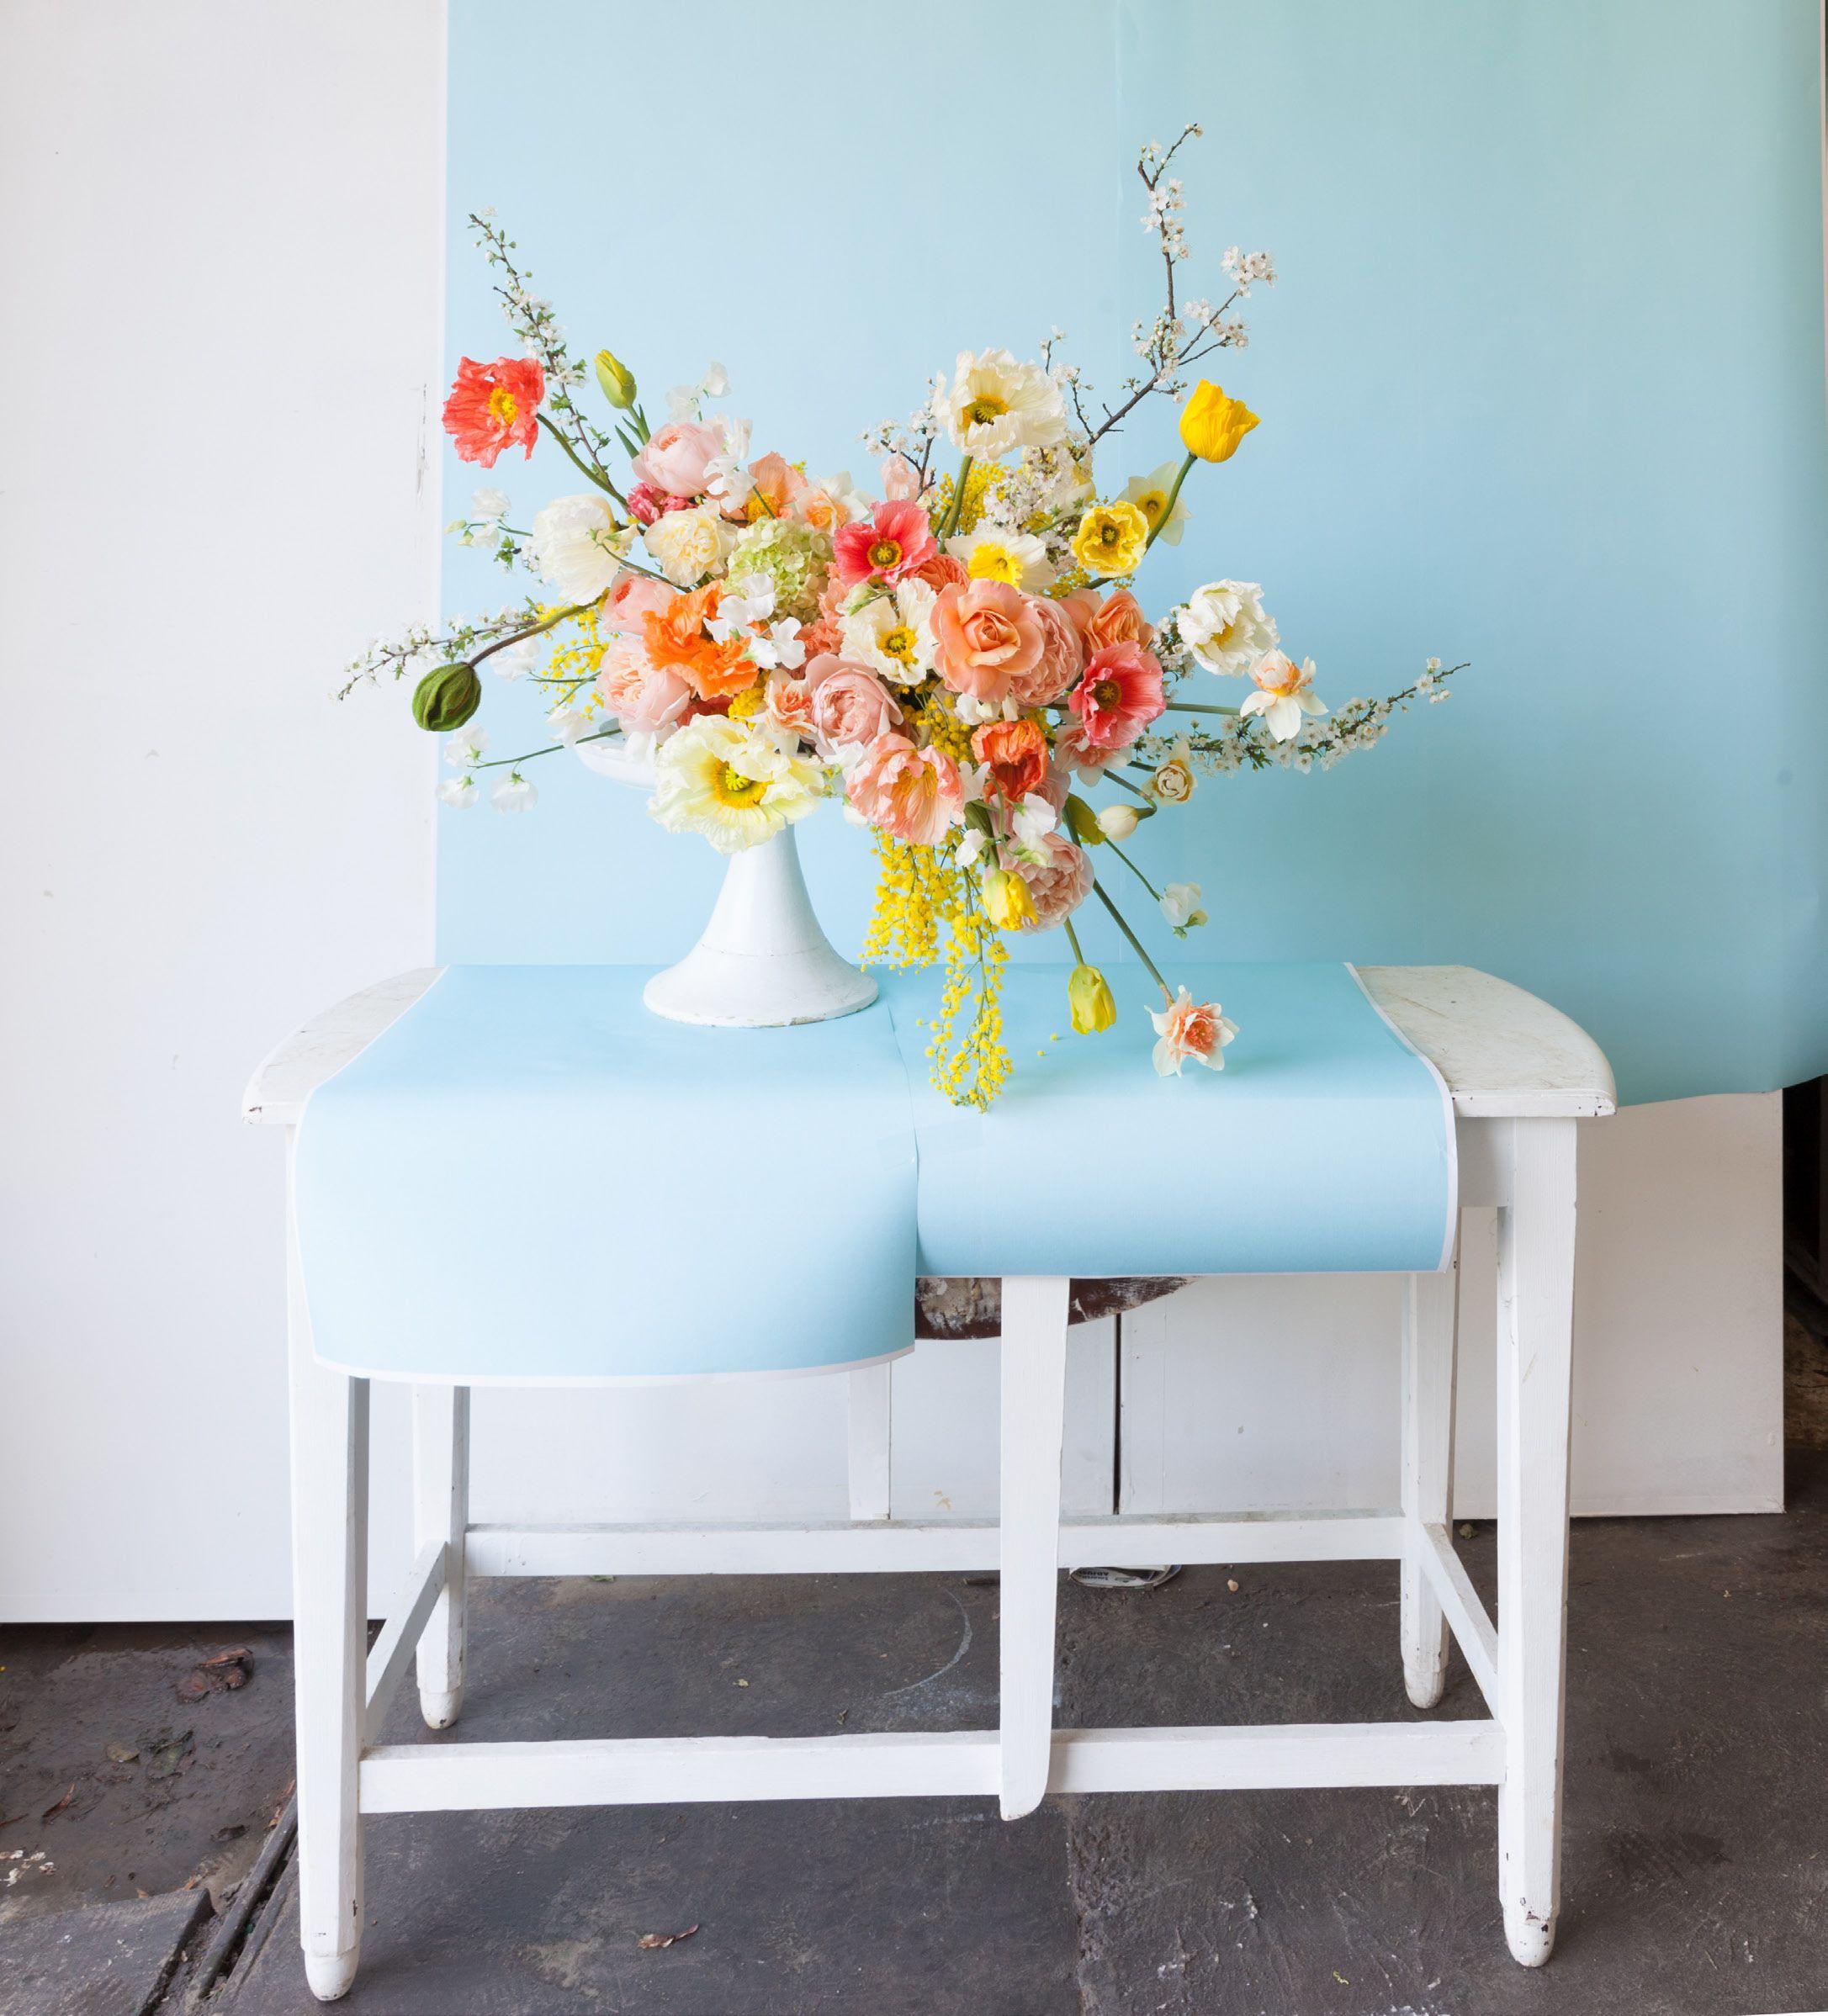 The Flowerseekers Spring17 | Spring vibes, Flowers, Flowers